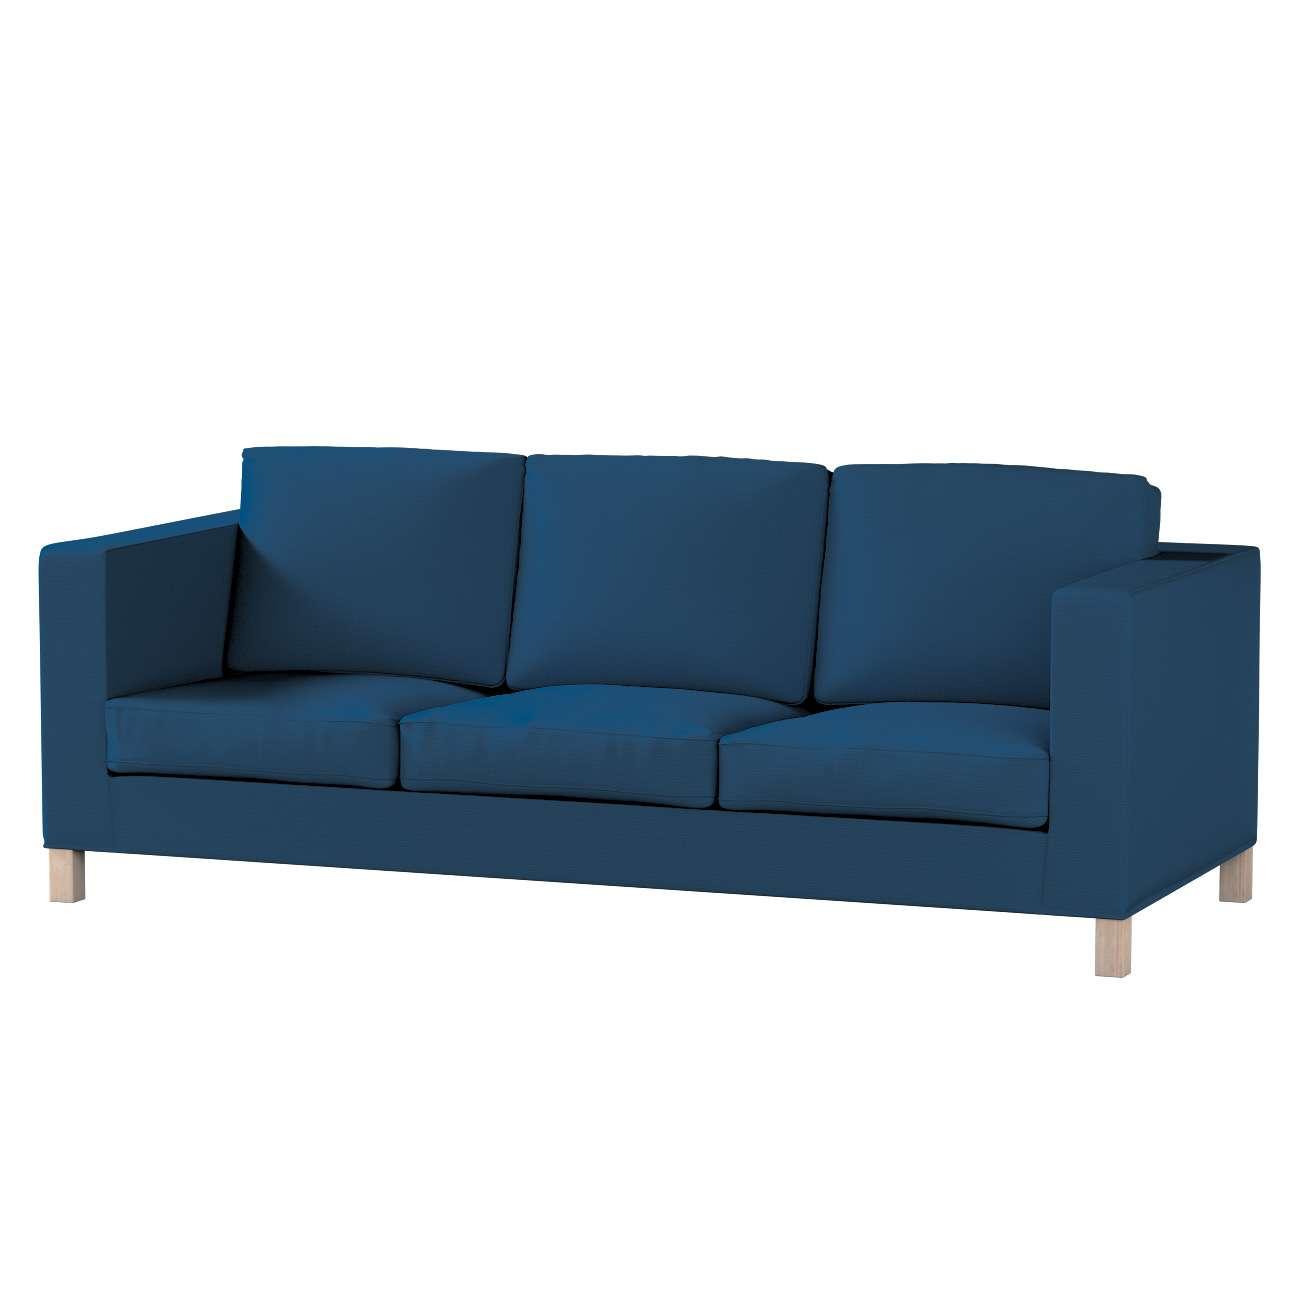 KARLANDA trivietės sofos užvalkalas KARLANDA trivietės sofos užvalkalas kolekcijoje Cotton Panama, audinys: 702-30